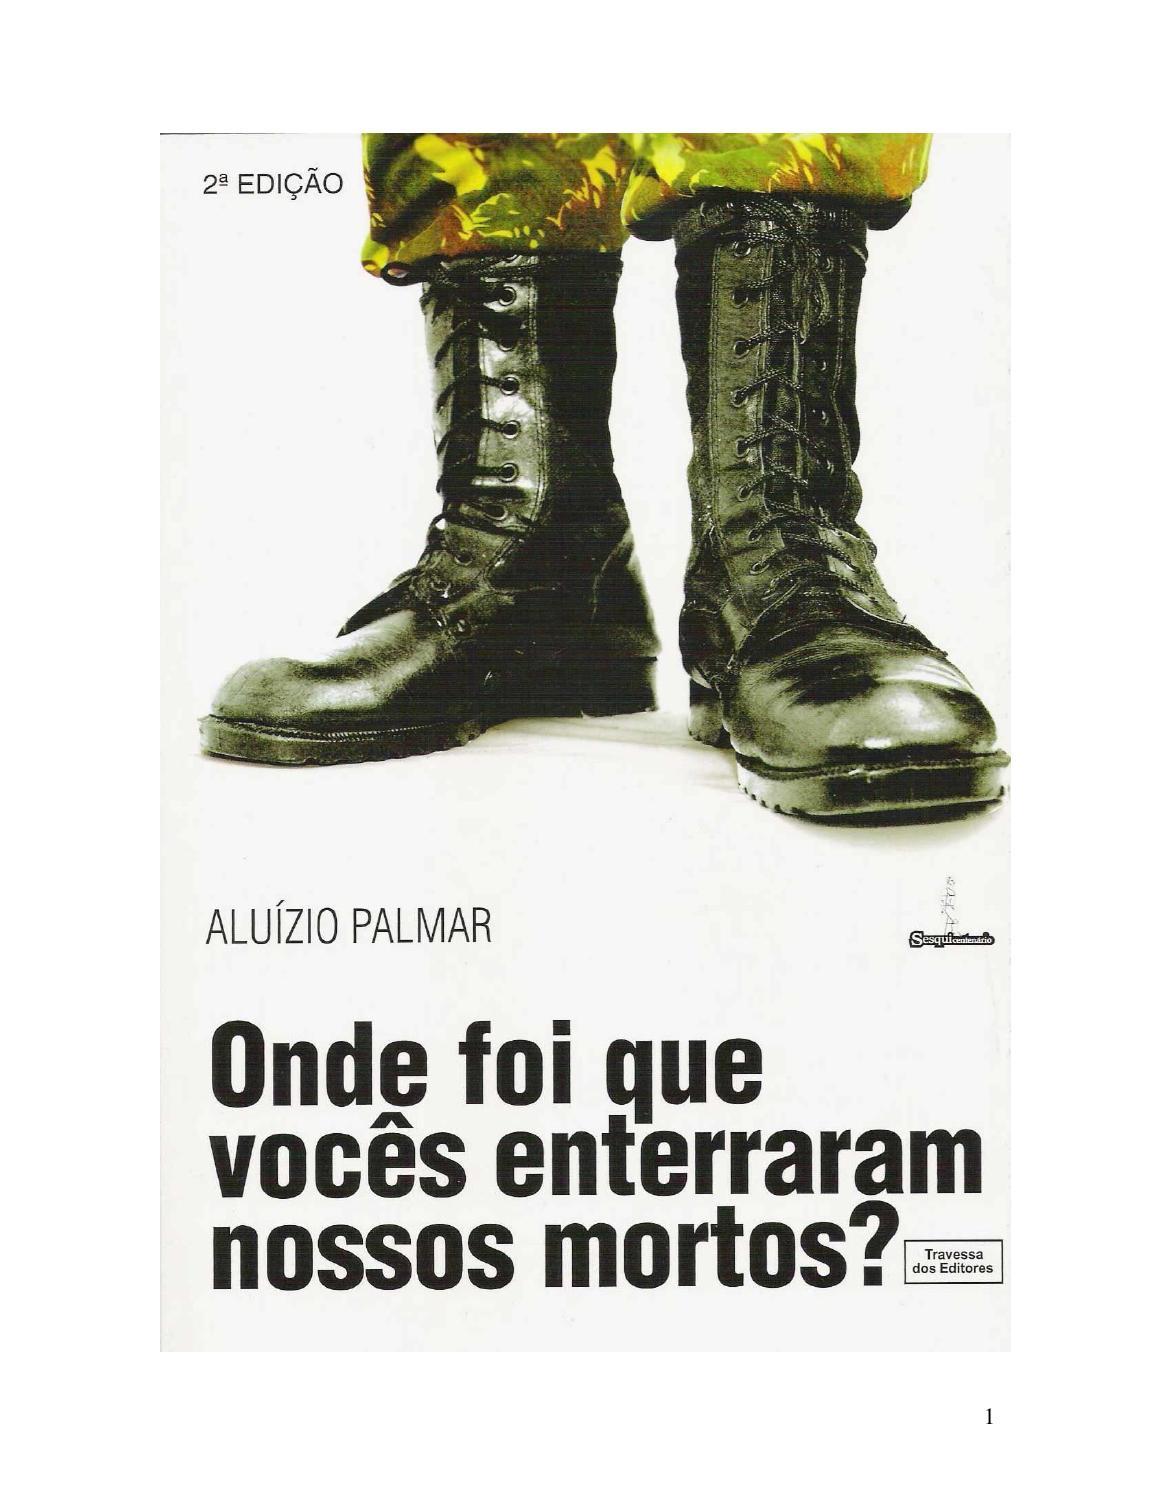 467d0d606 Onde foi que vocês enterraram nossos mortos 4ª edição pdfx (2) by Aluizio  Ferreira Palmar - issuu